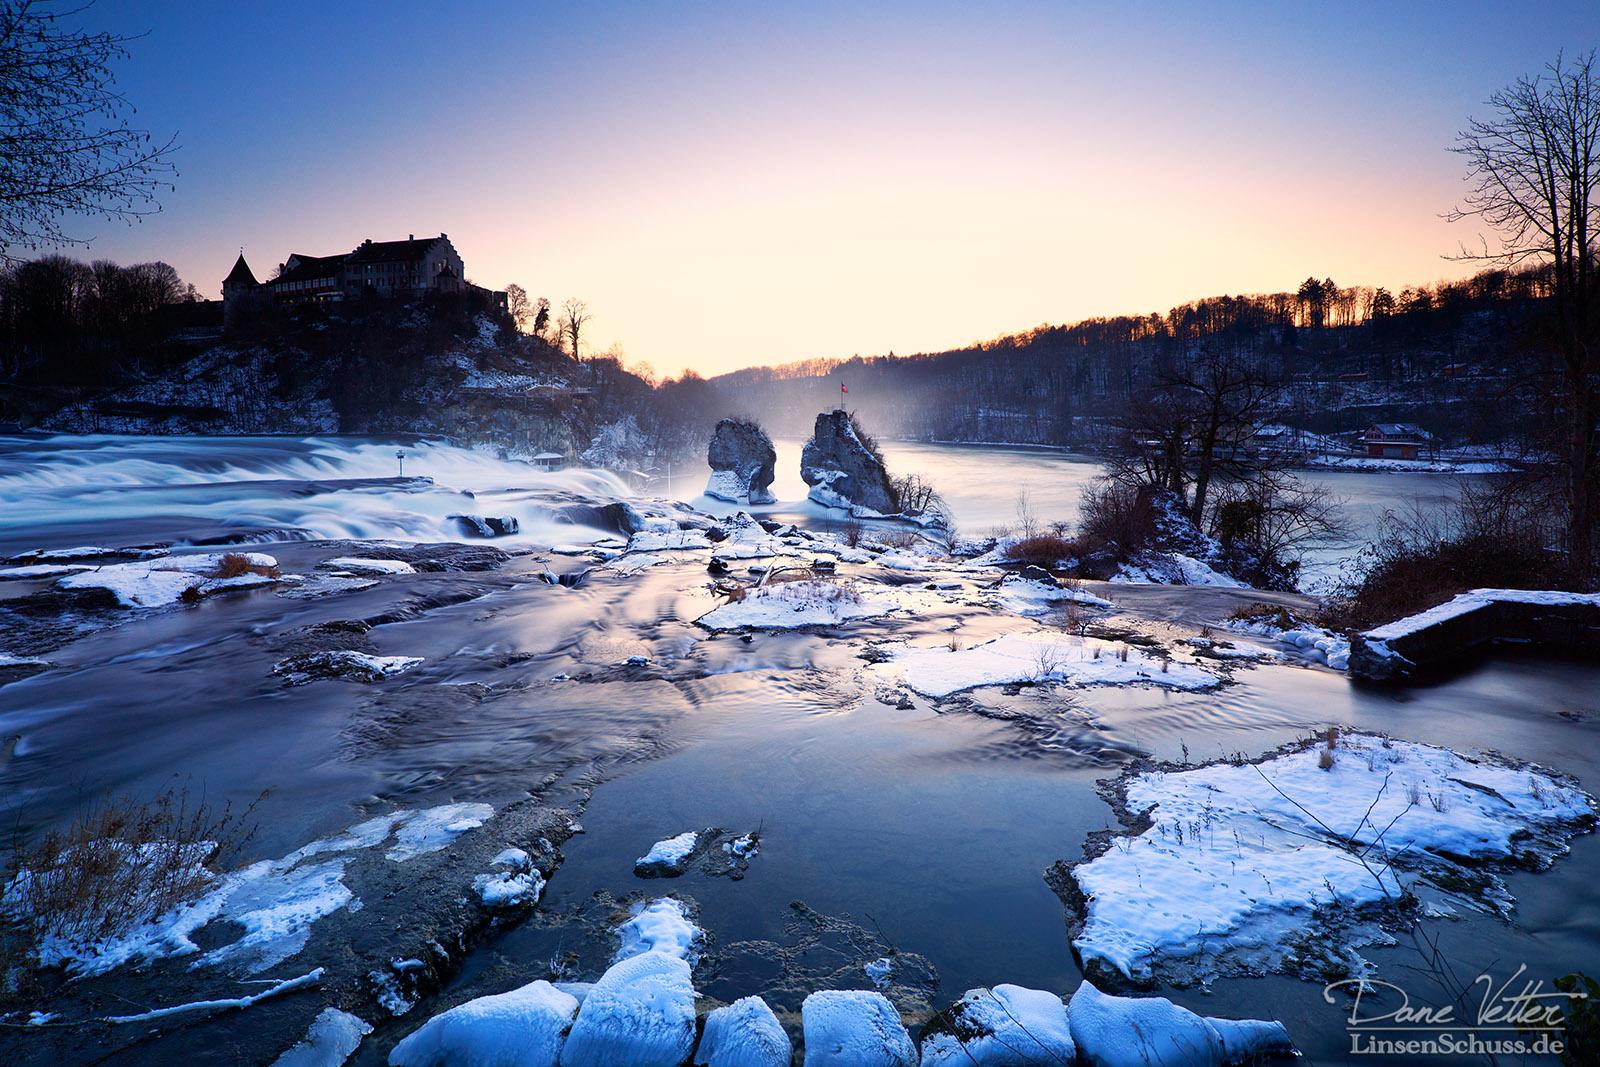 The icy Rheinfall